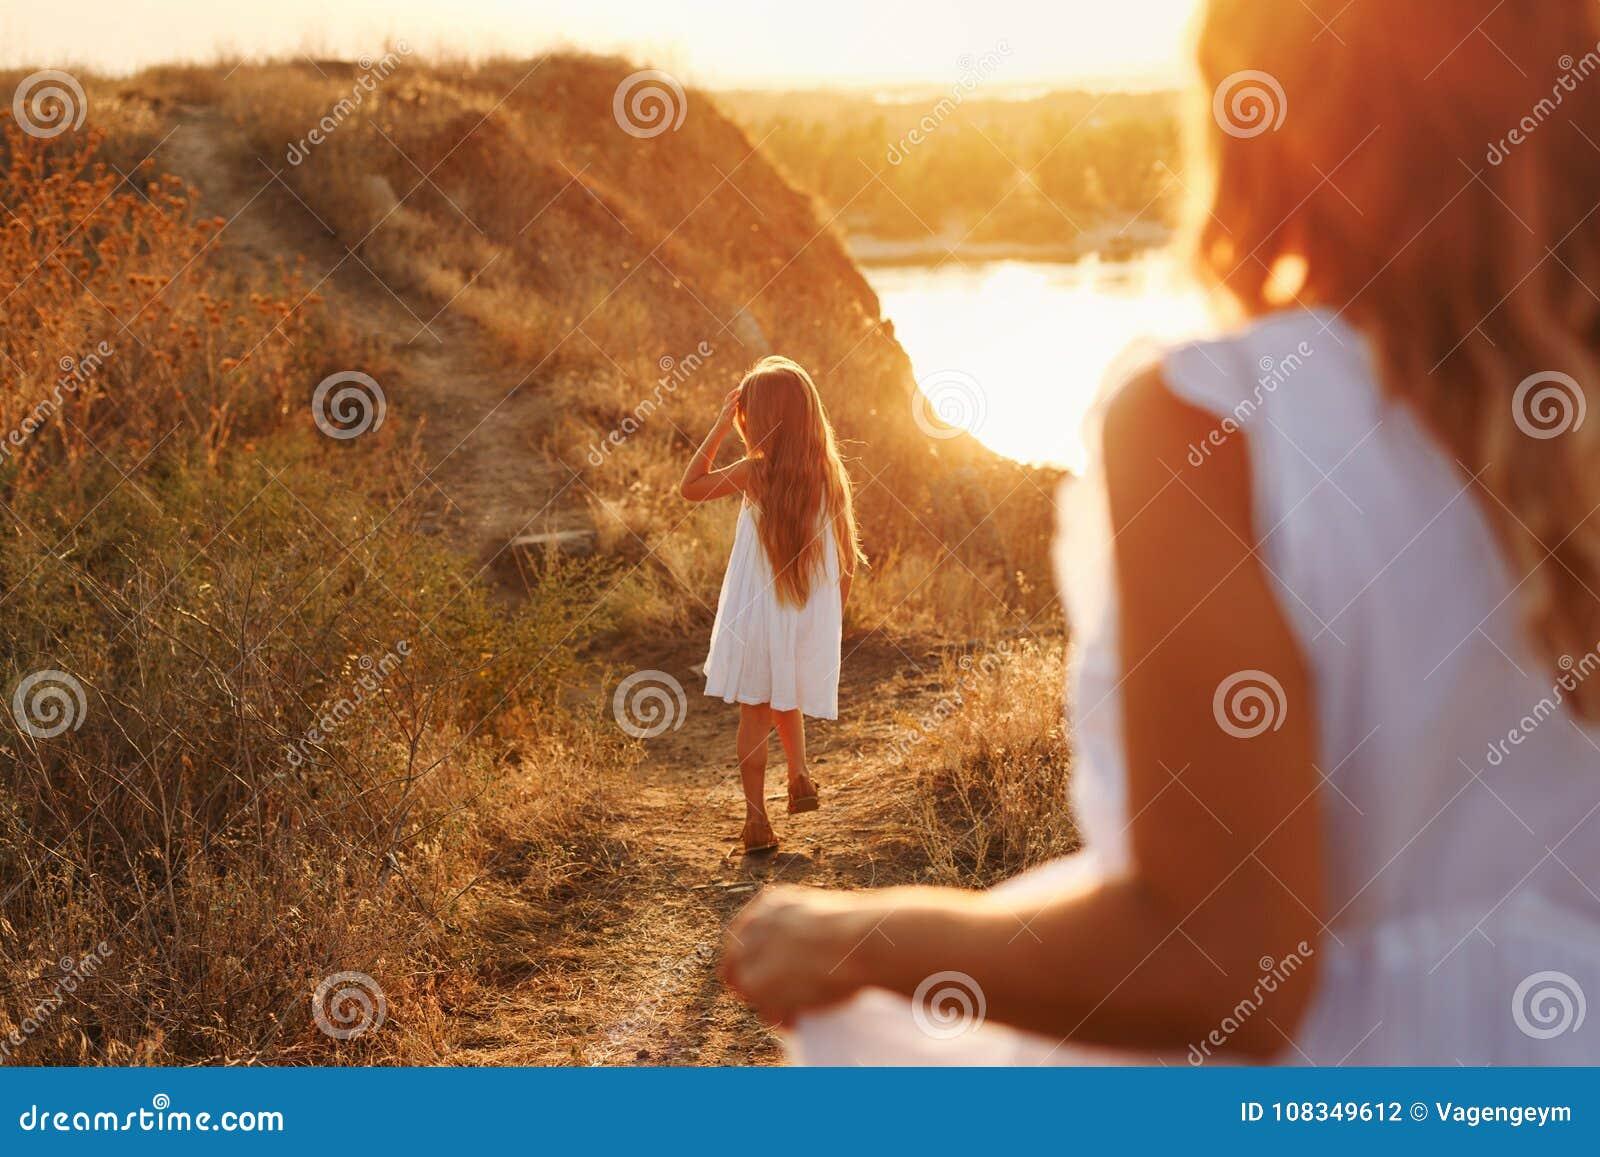 Мать и дочь на прогулке в сельской местности